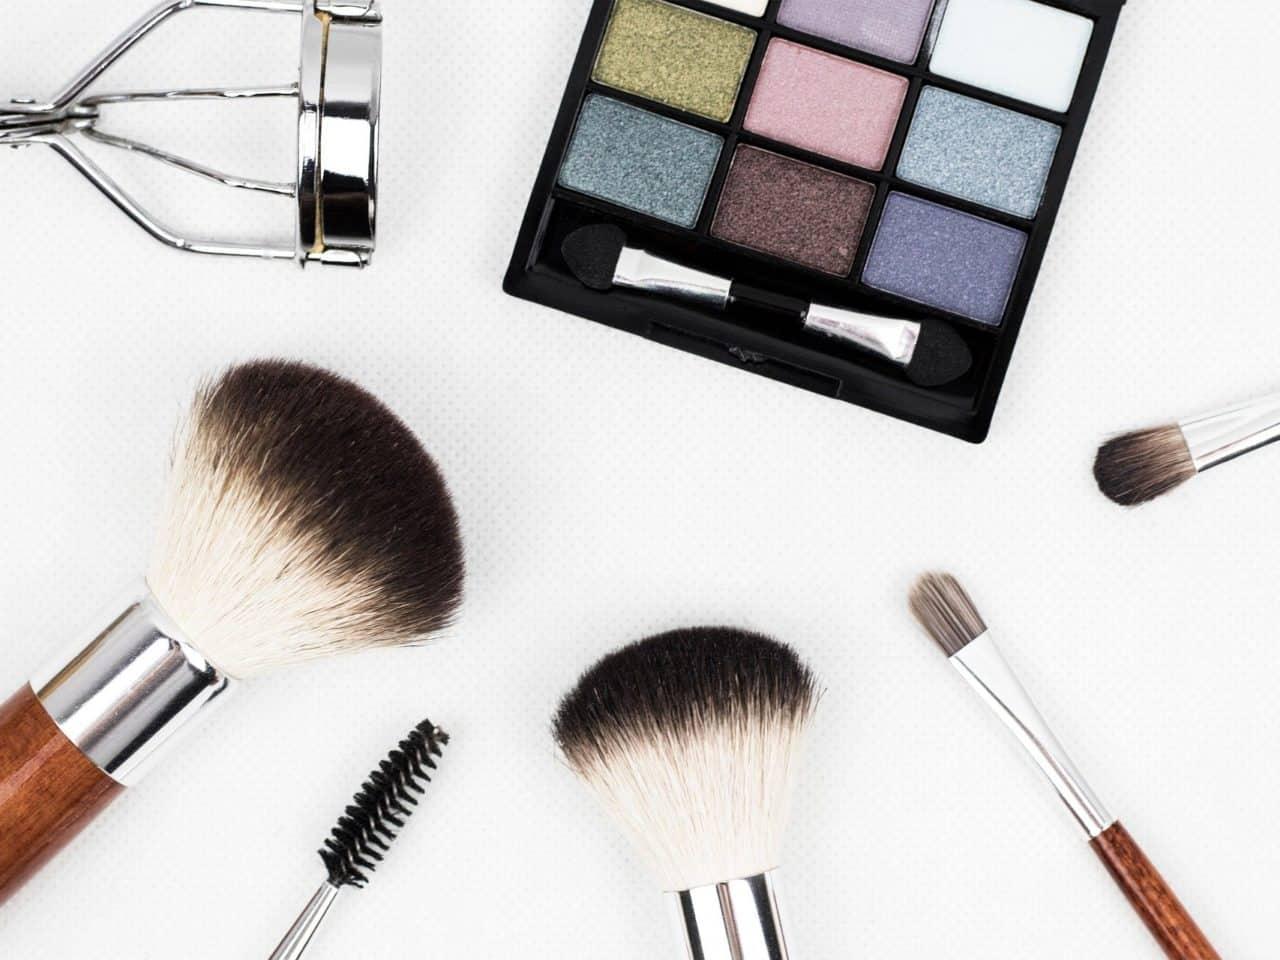 https://pr-helden.de/wp-content/uploads/2021/04/makeup-brushes-1761648_1920-1280x960.jpg